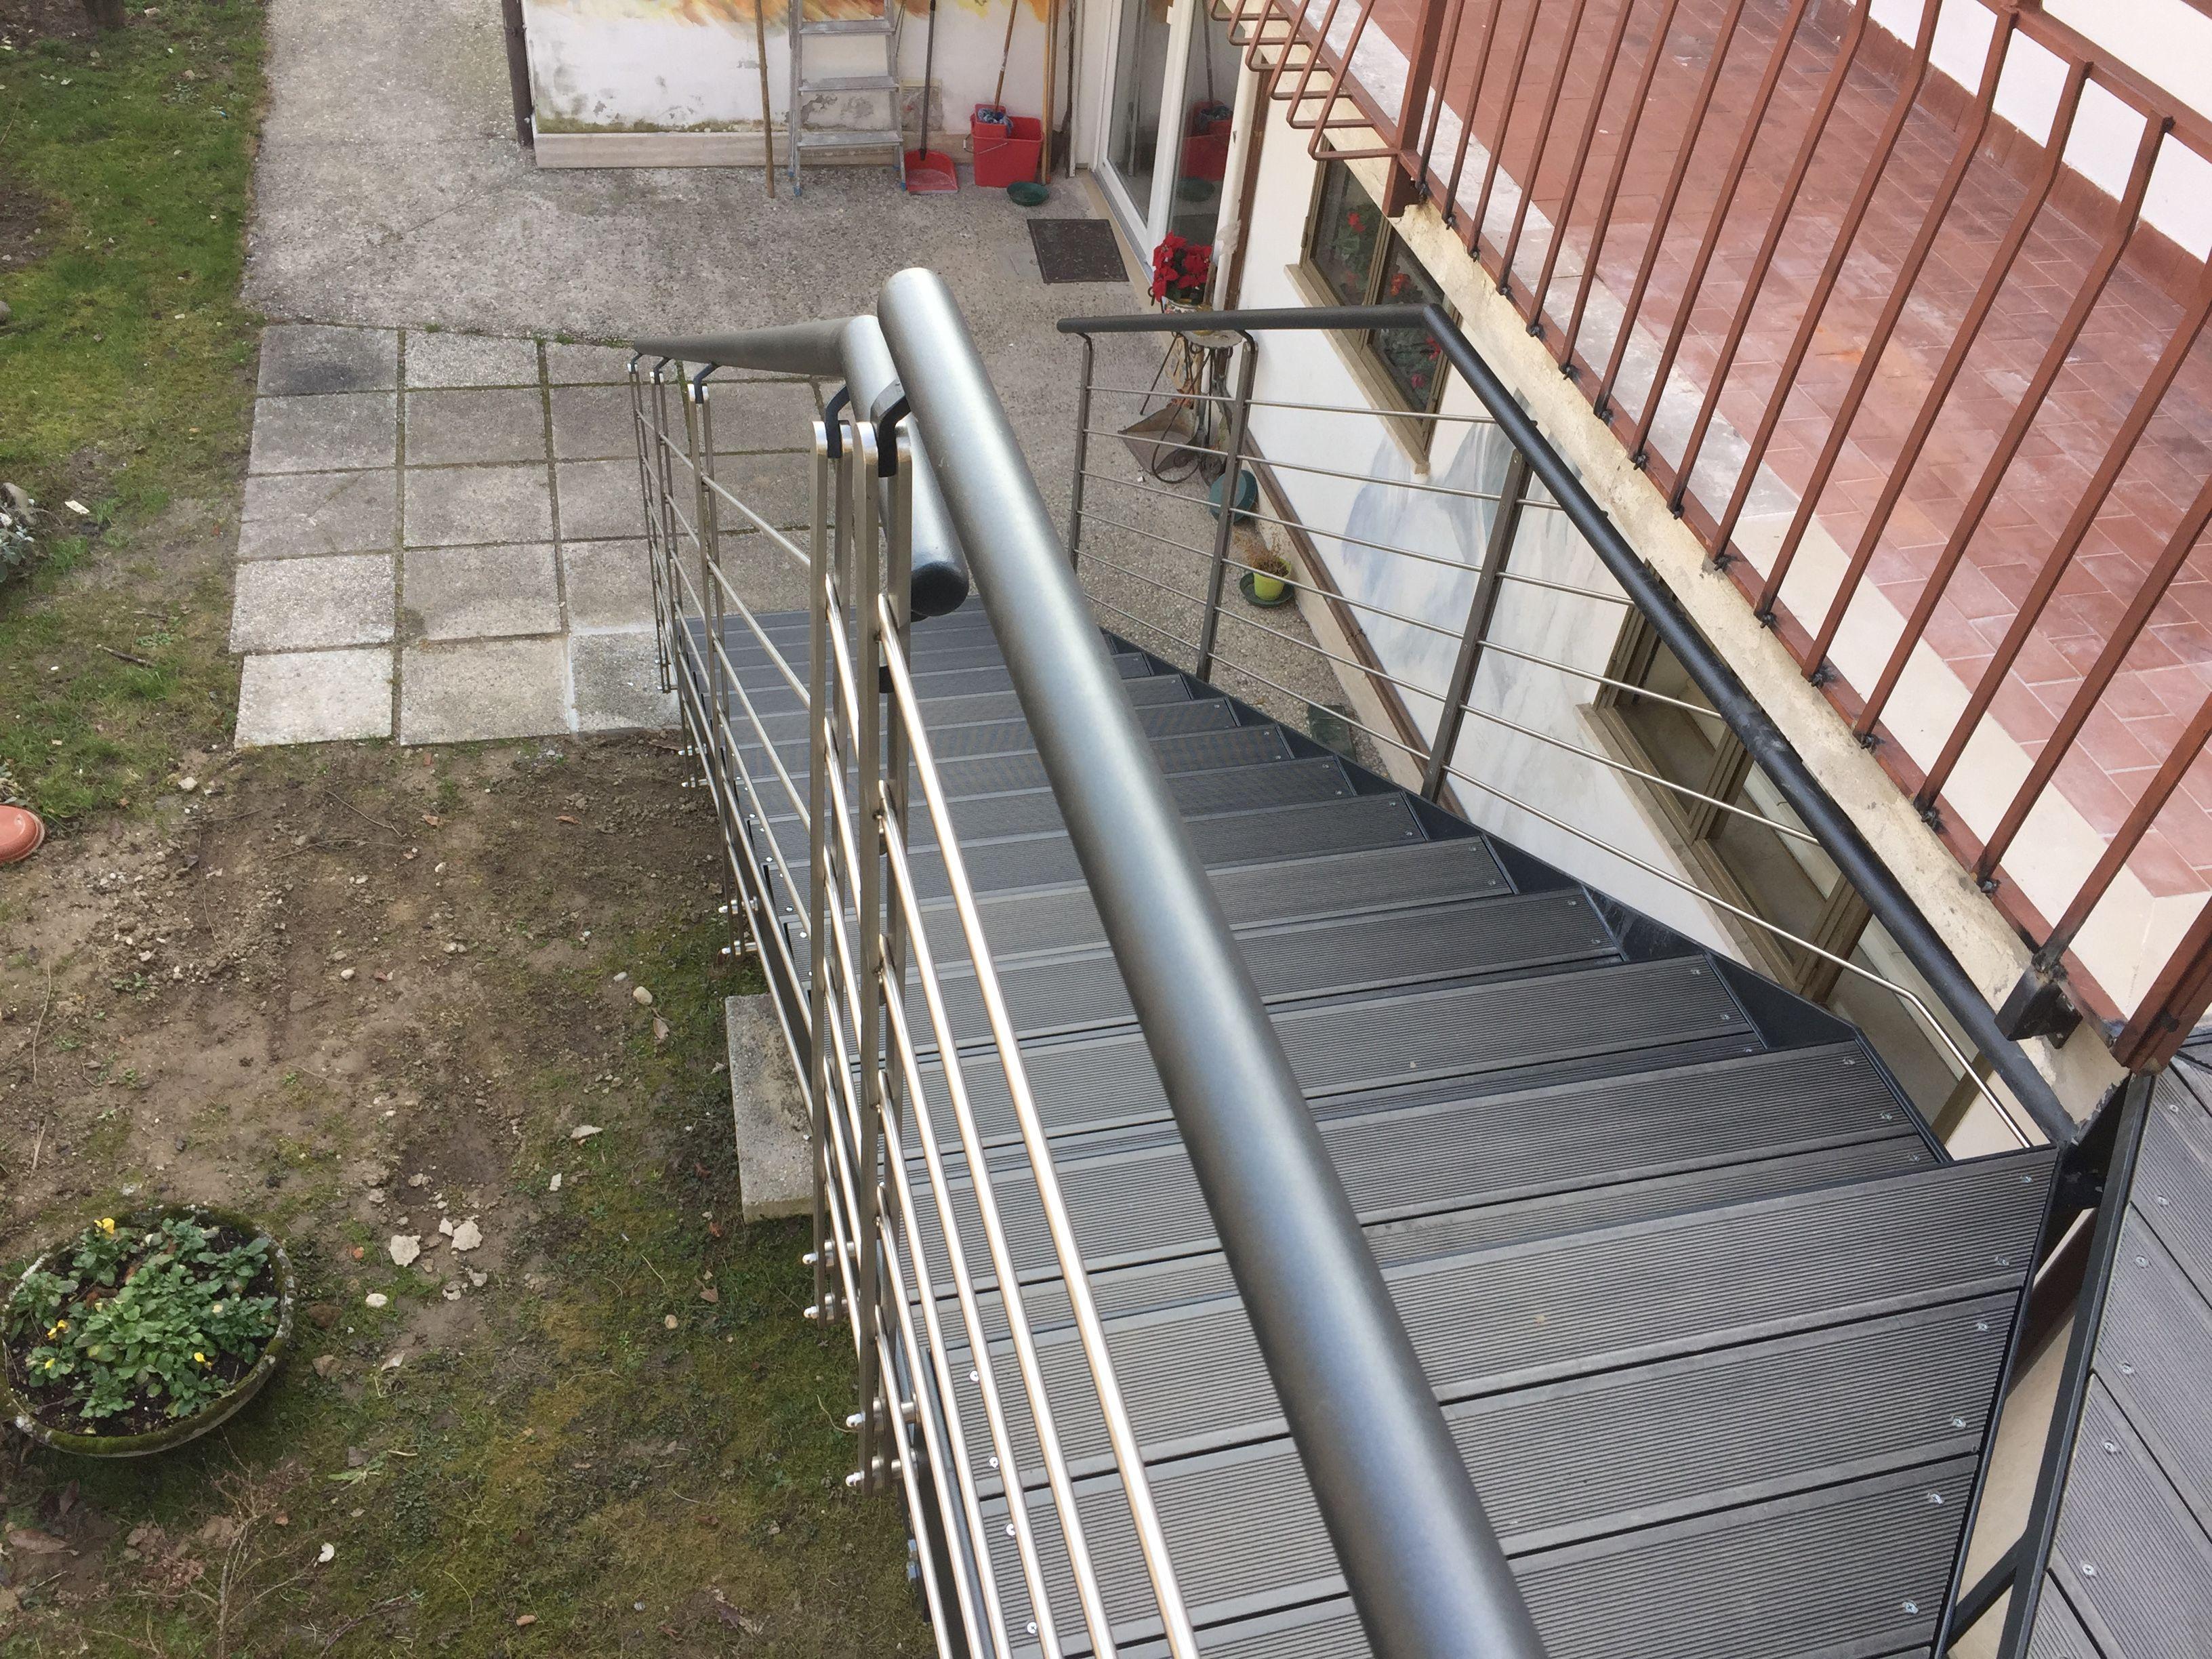 Scala in ferro da esterno in stile moderno con parapetti in acciaio inox scalini in deck pvc - Scale di ferro ...